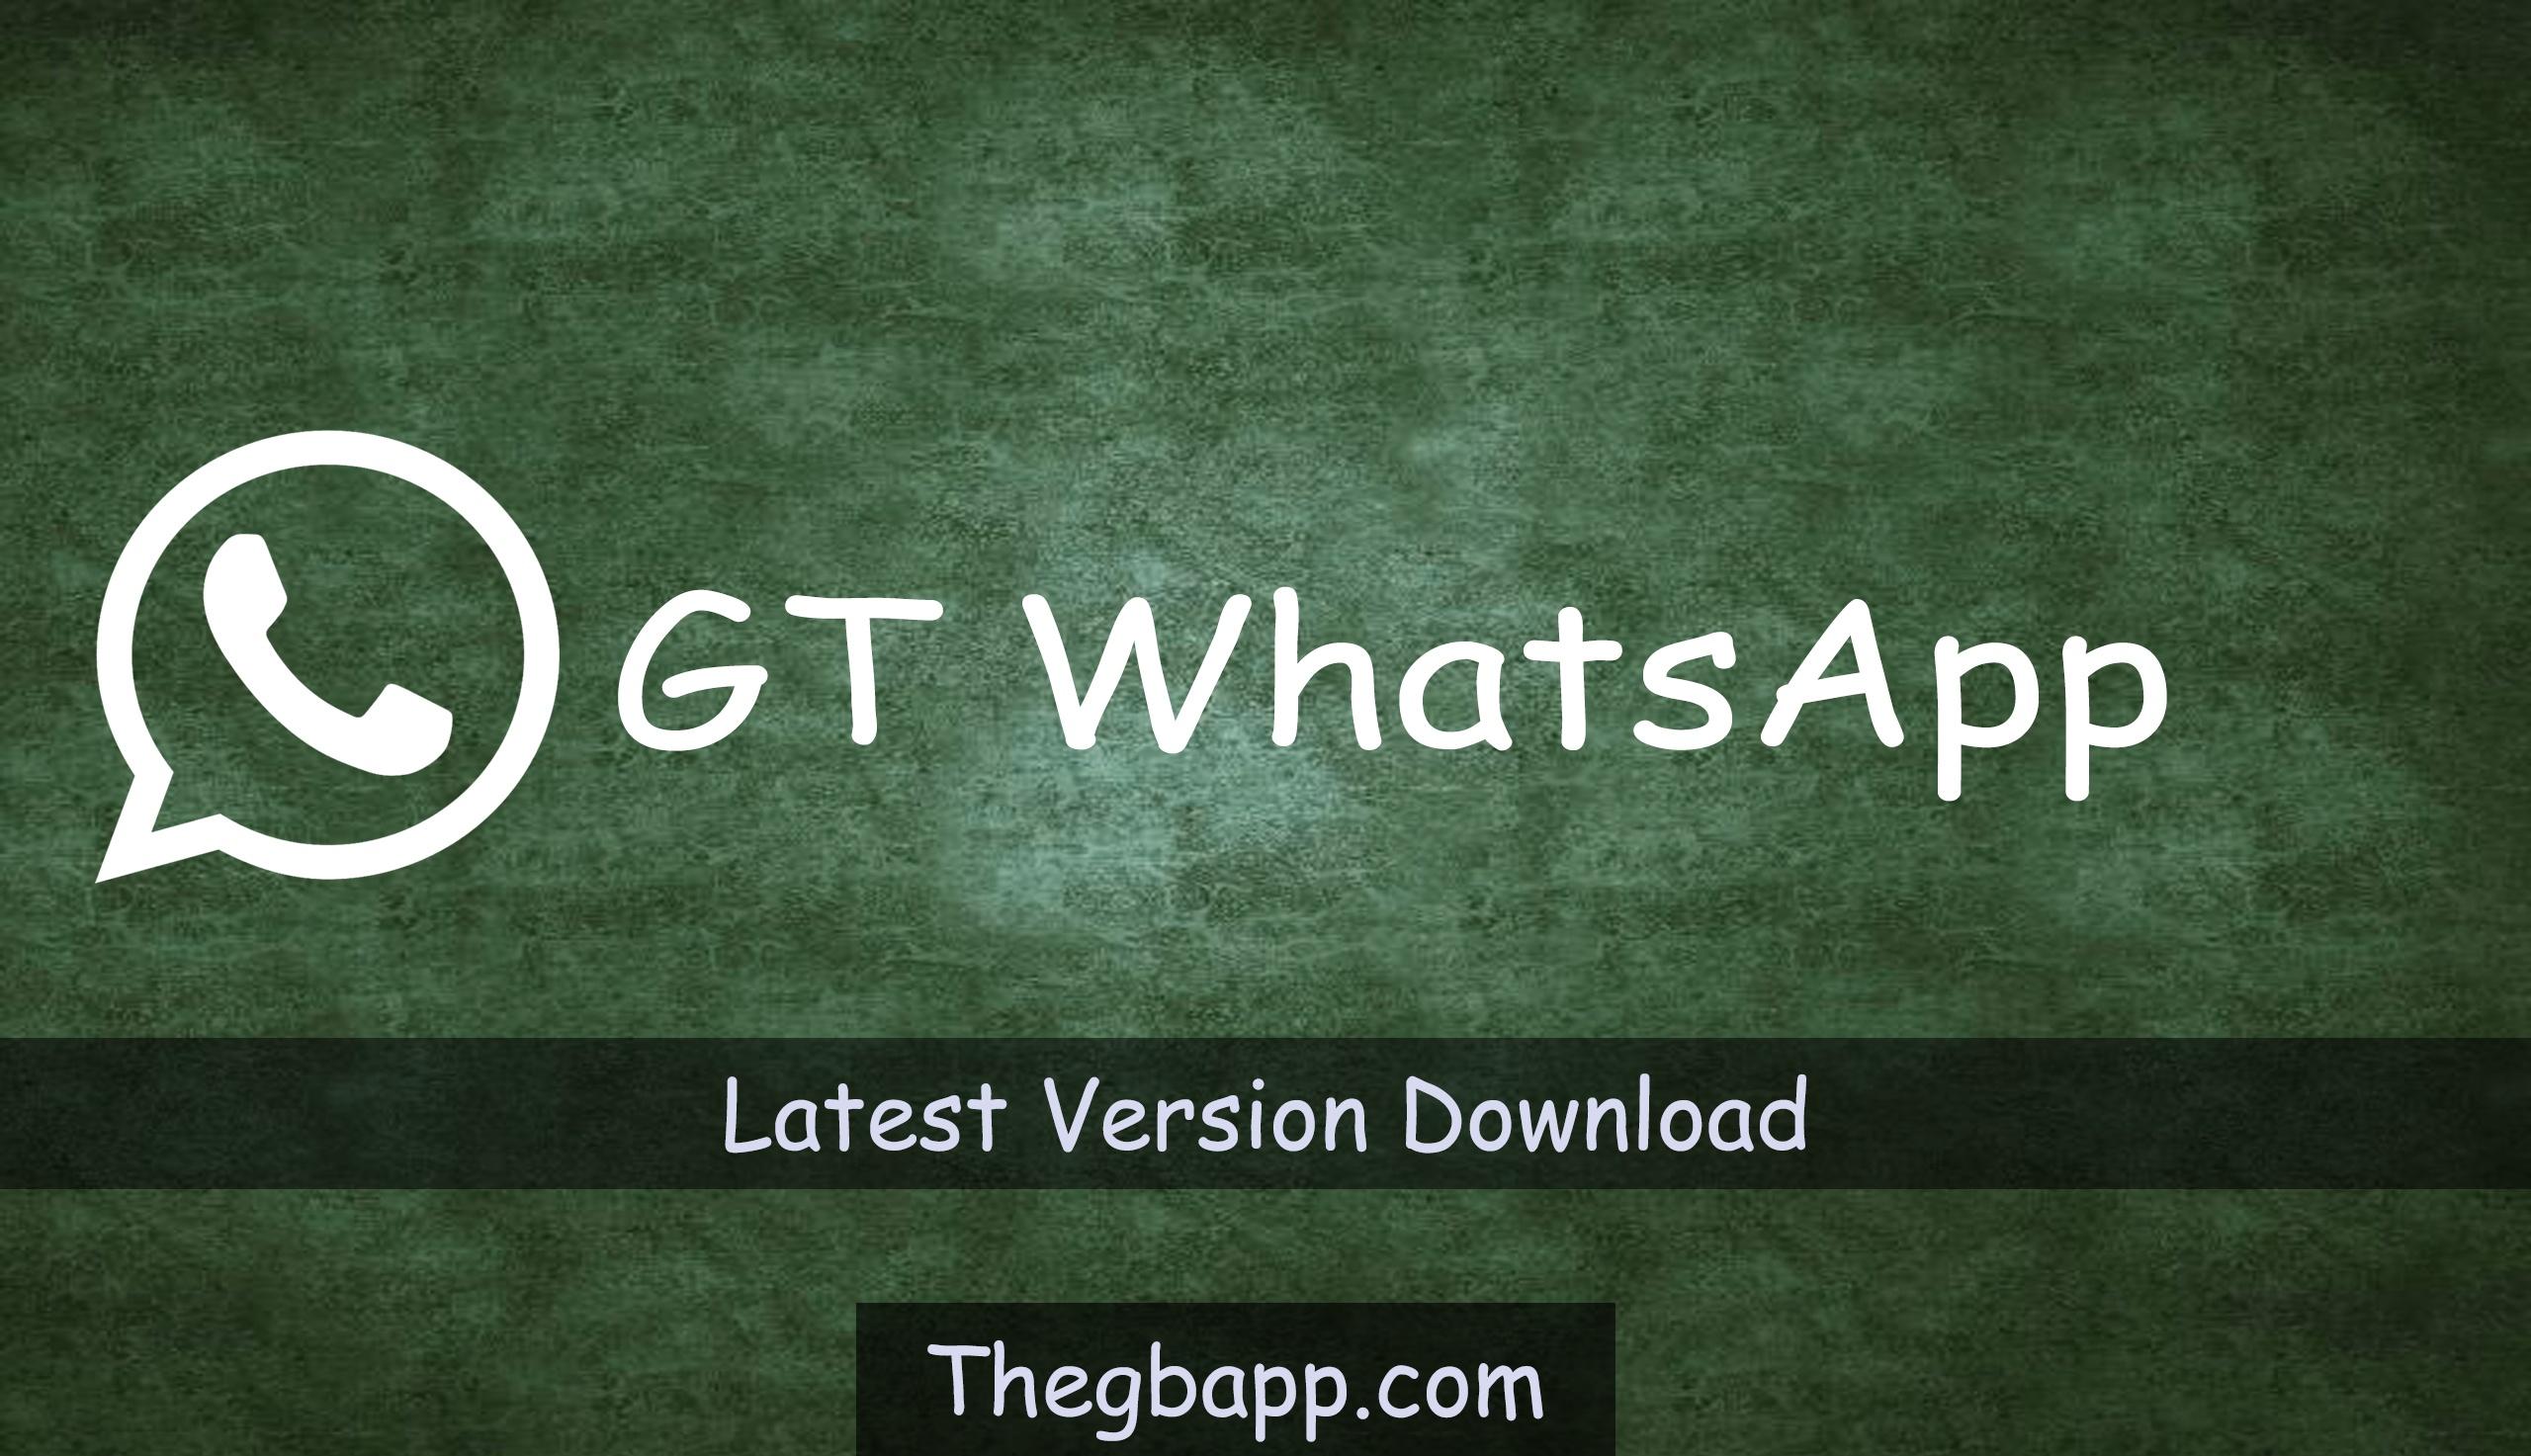 GT WhatsApp